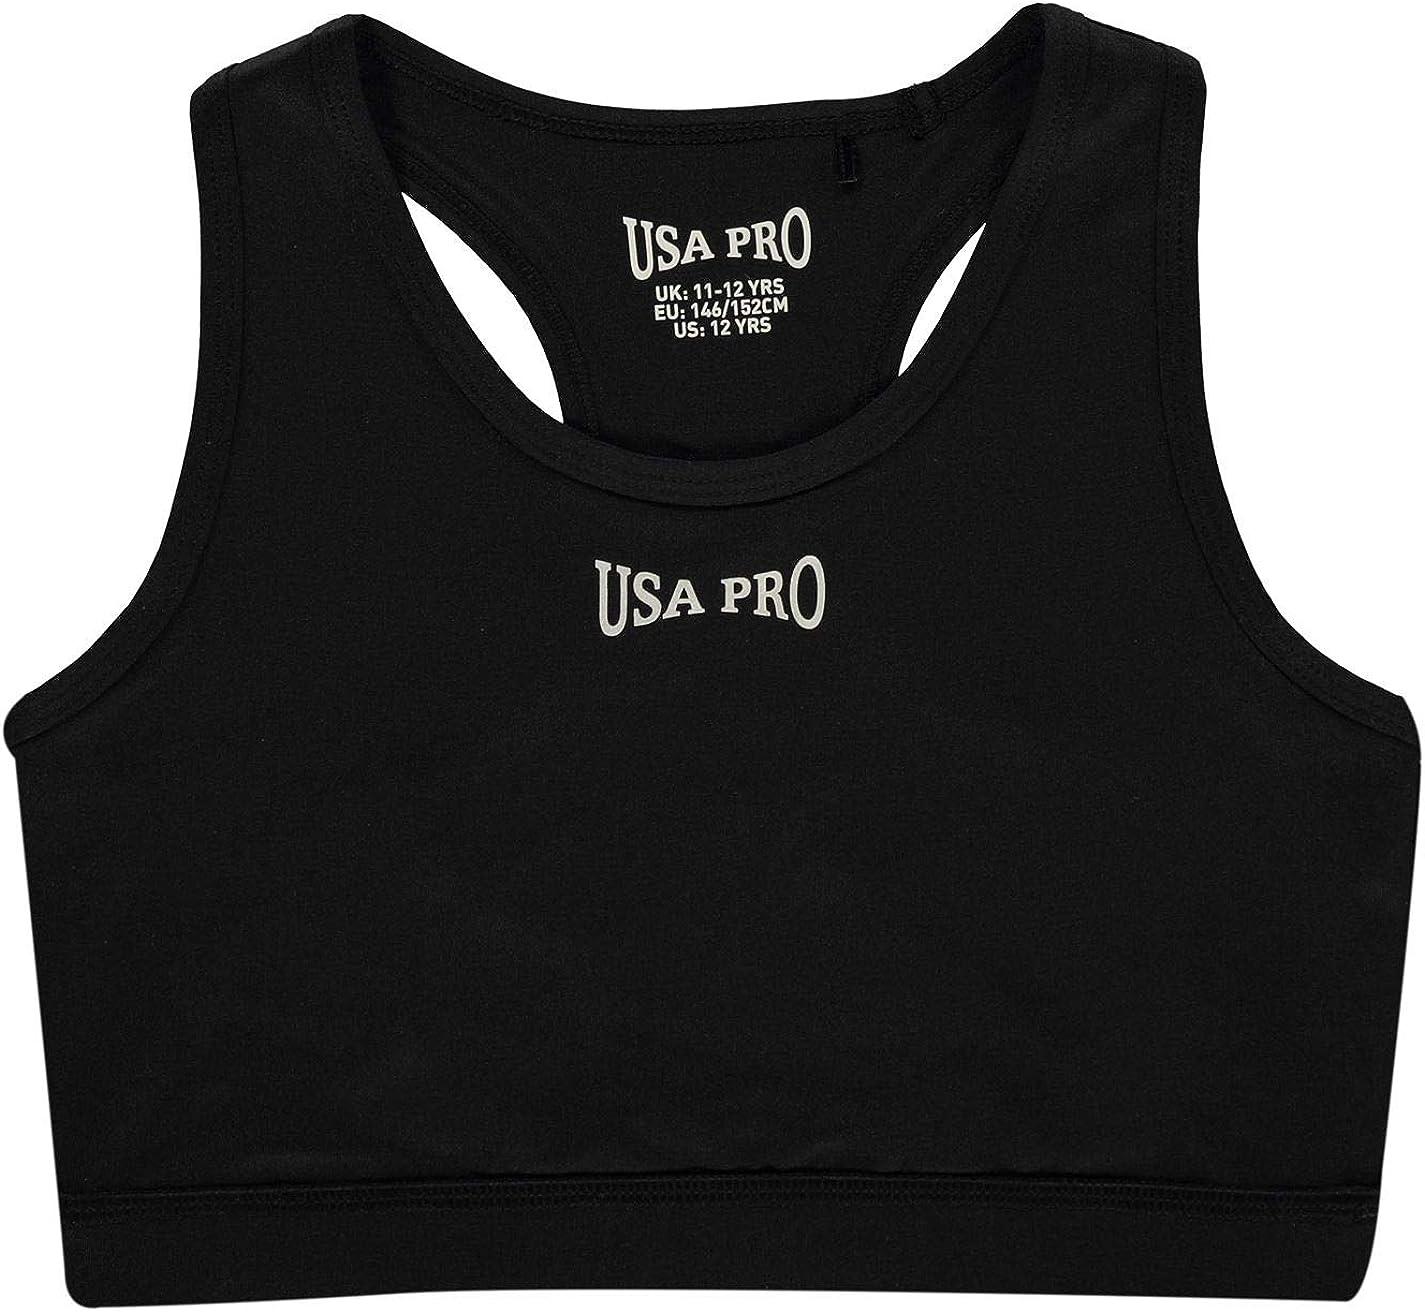 USA Pro Kinder M/ädchen Fitness Crop Top Rundhals Racerback